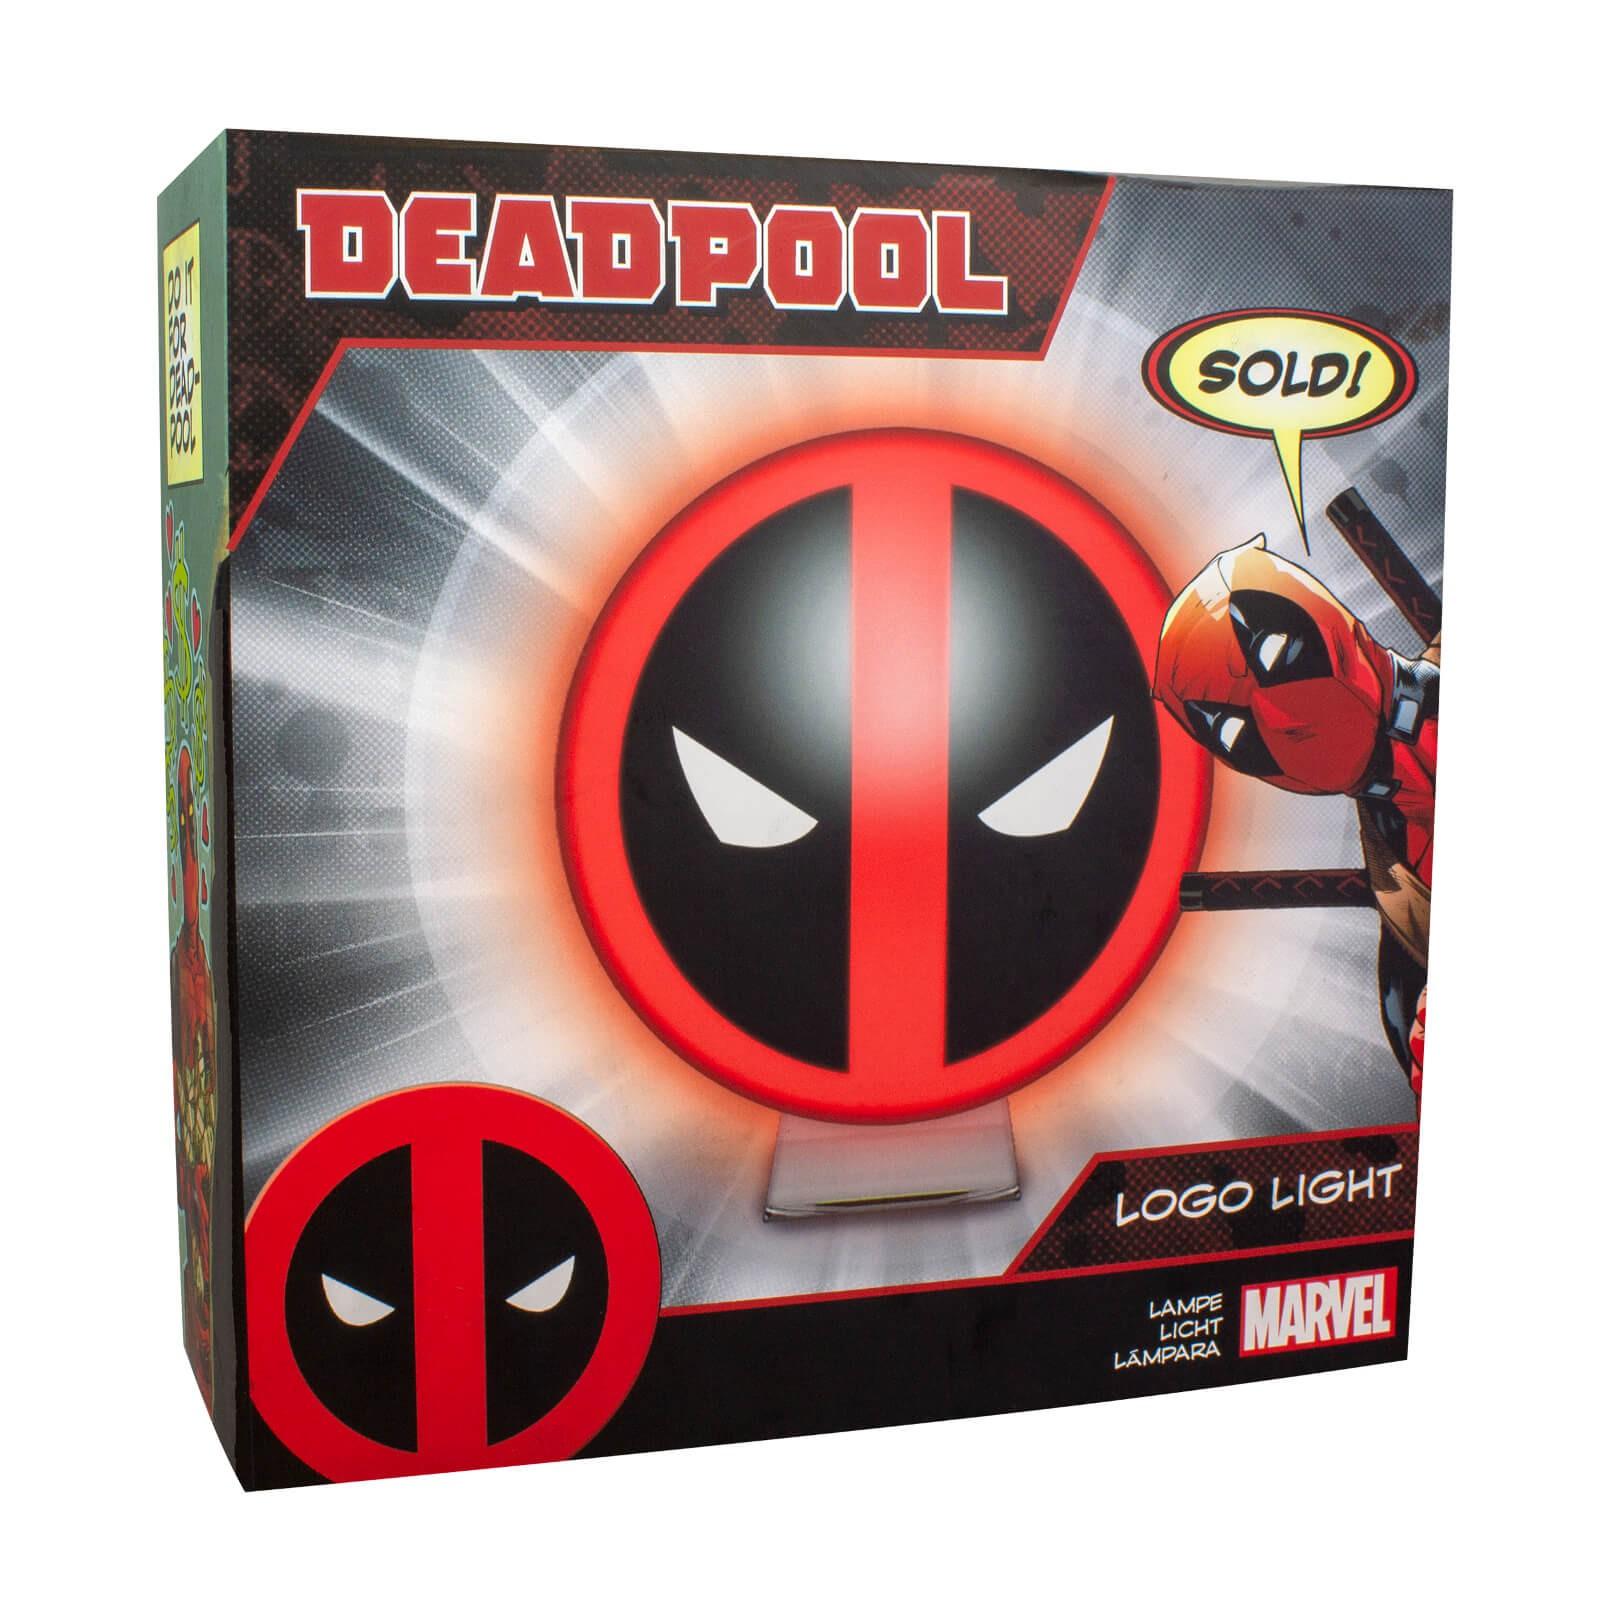 Deadpool - Logo Light 10cm